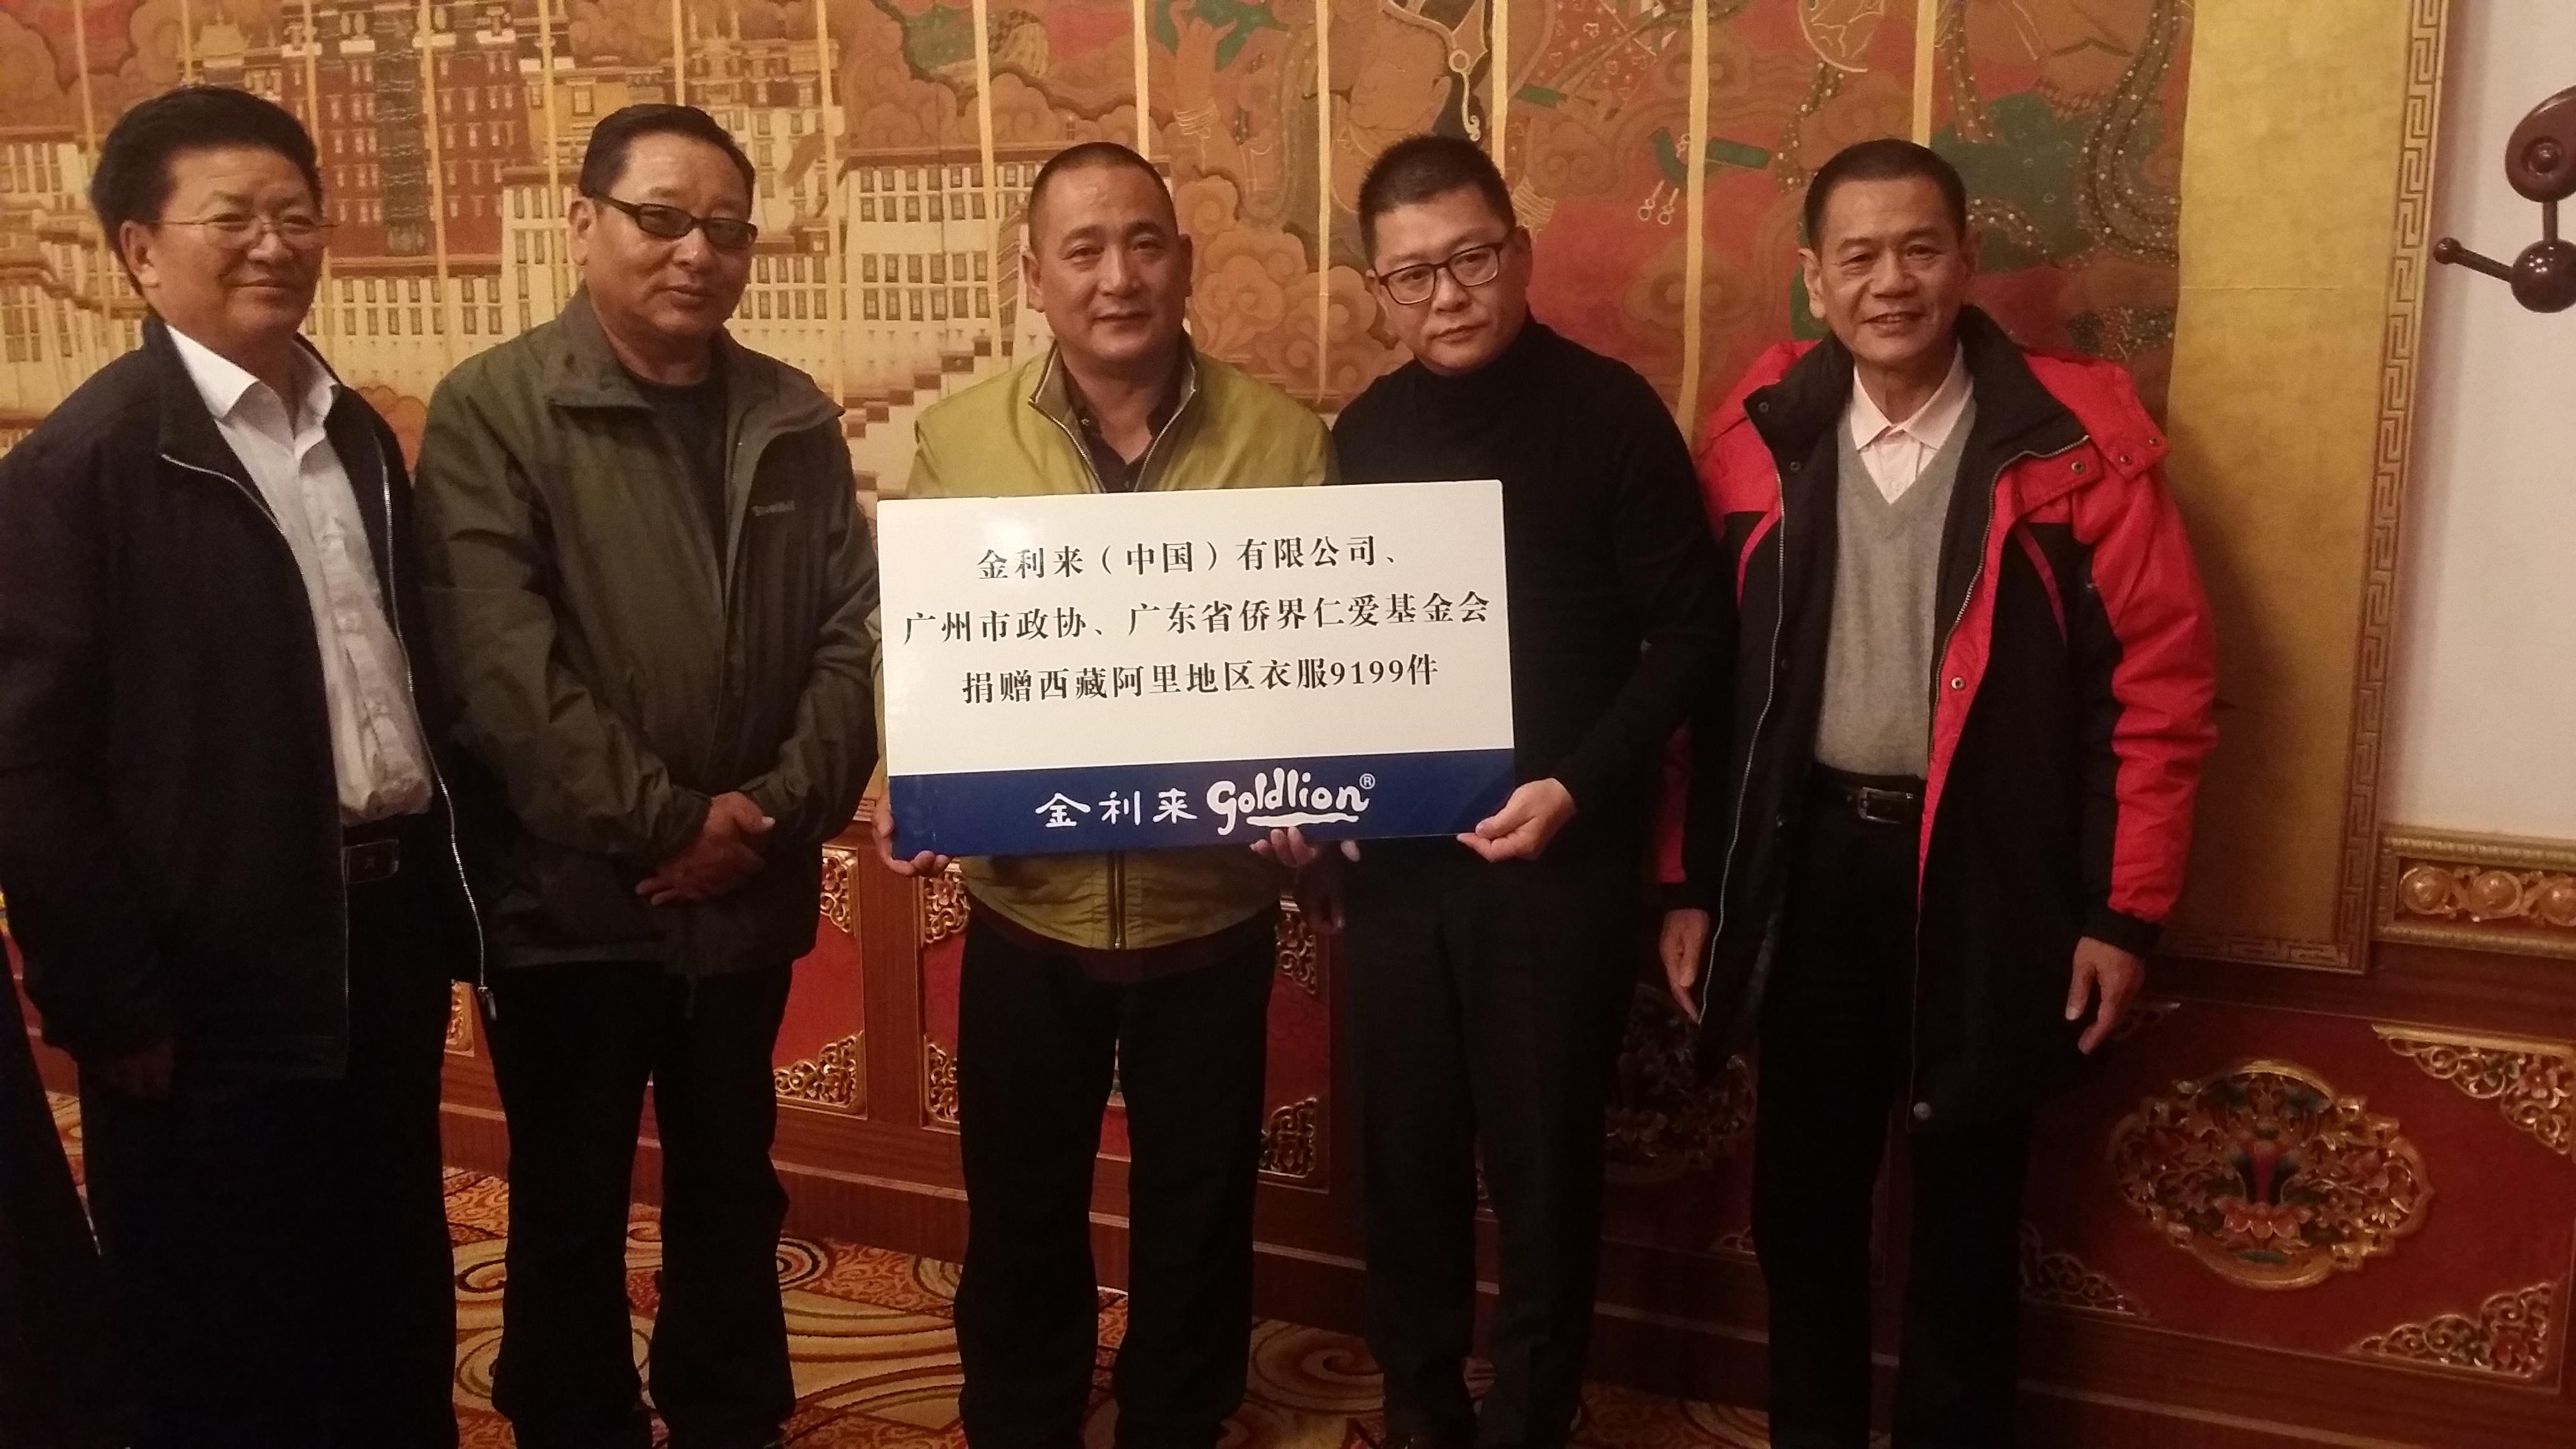 2014年10月2日,金利来向西藏阿里地区捐赠物资交接仪式在西藏自治区政协进行。左三起至右为阿里地区政协副主席洛桑山丹活佛、hjc黄金城官网_黄金城博彩—欢迎您!!!副主席兼行政总裁曾智明